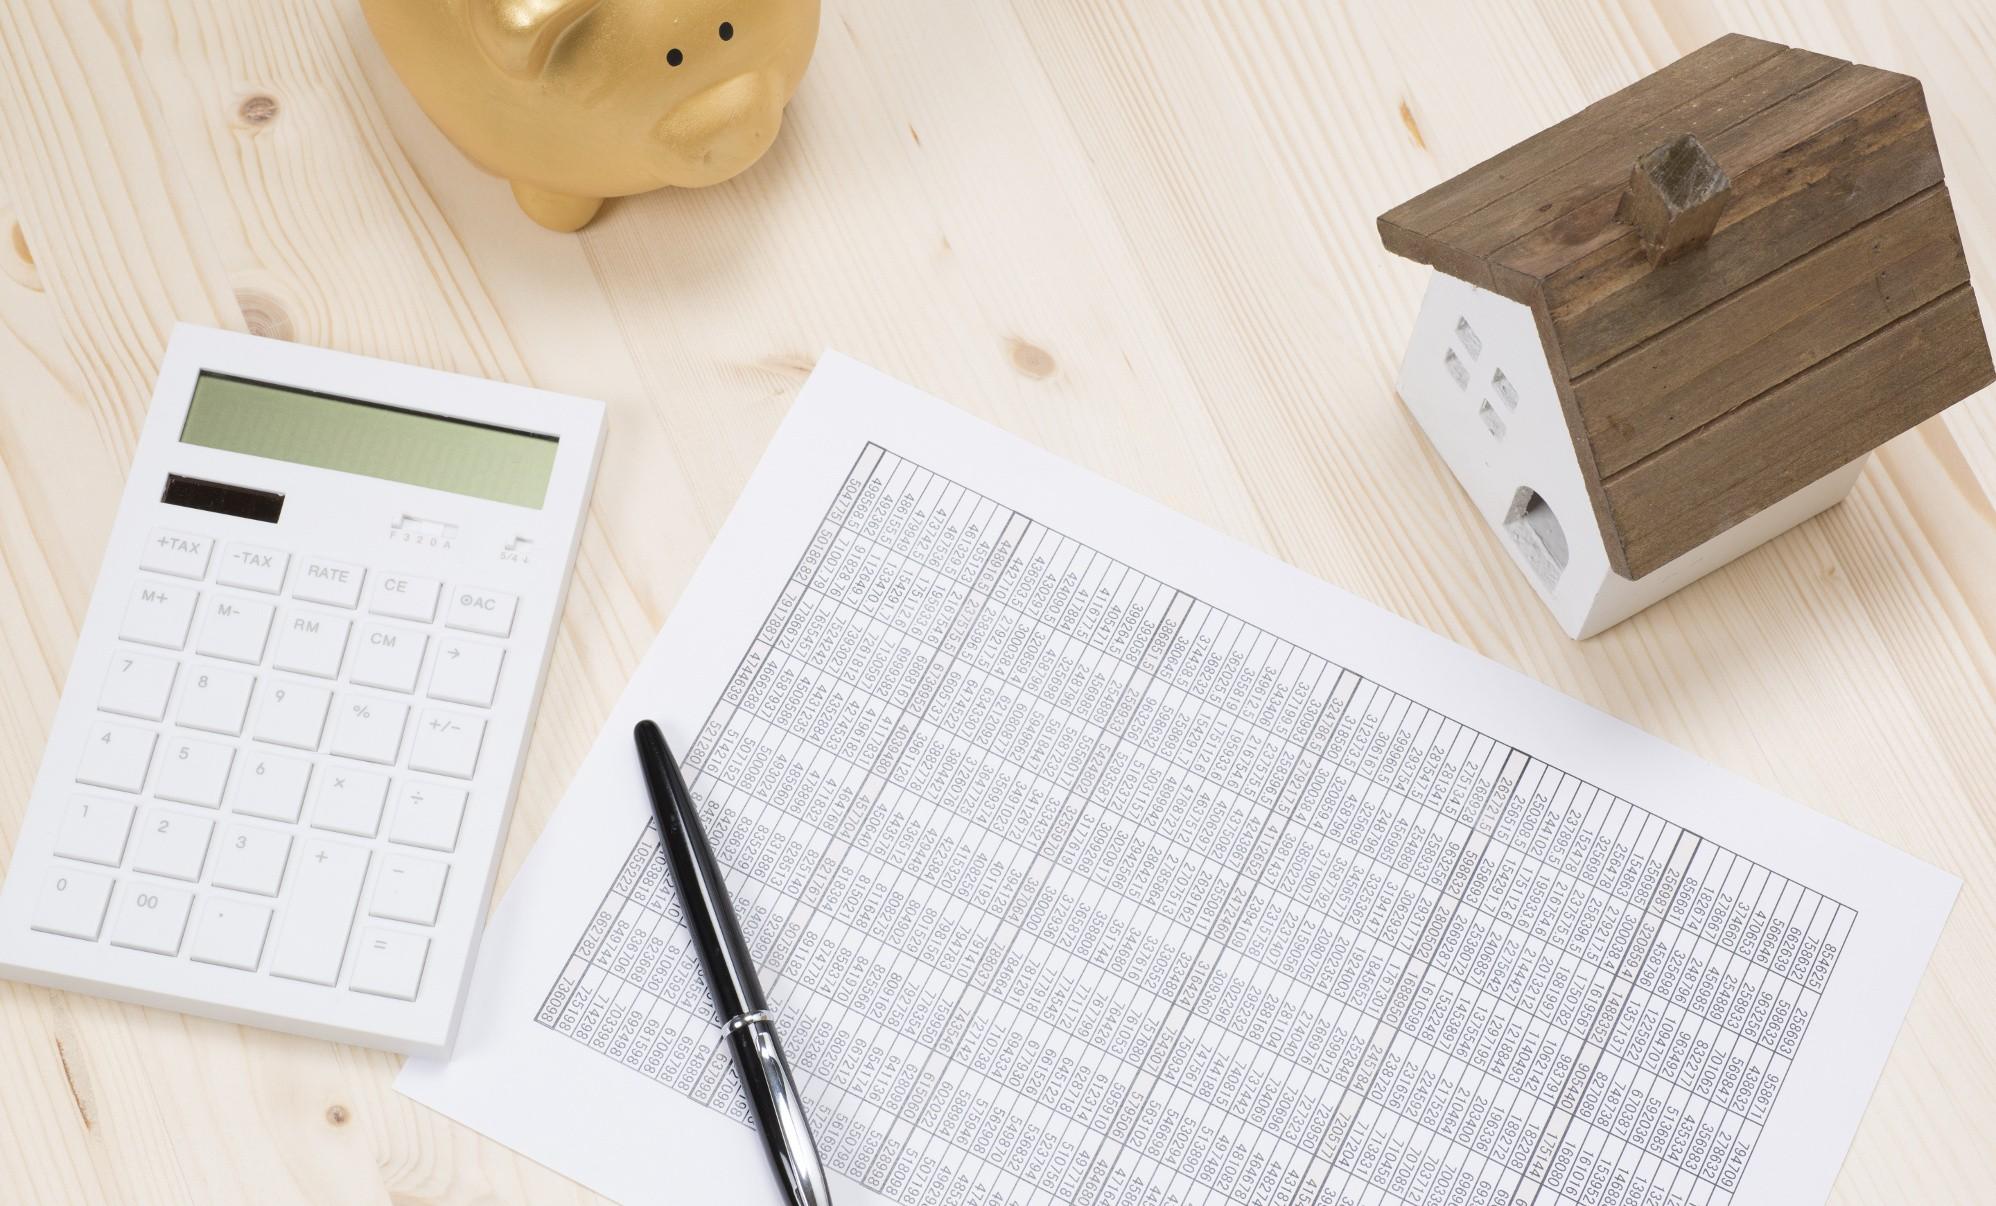 ¿Qué documentos debes solicitar antes de comprar una vivienda?